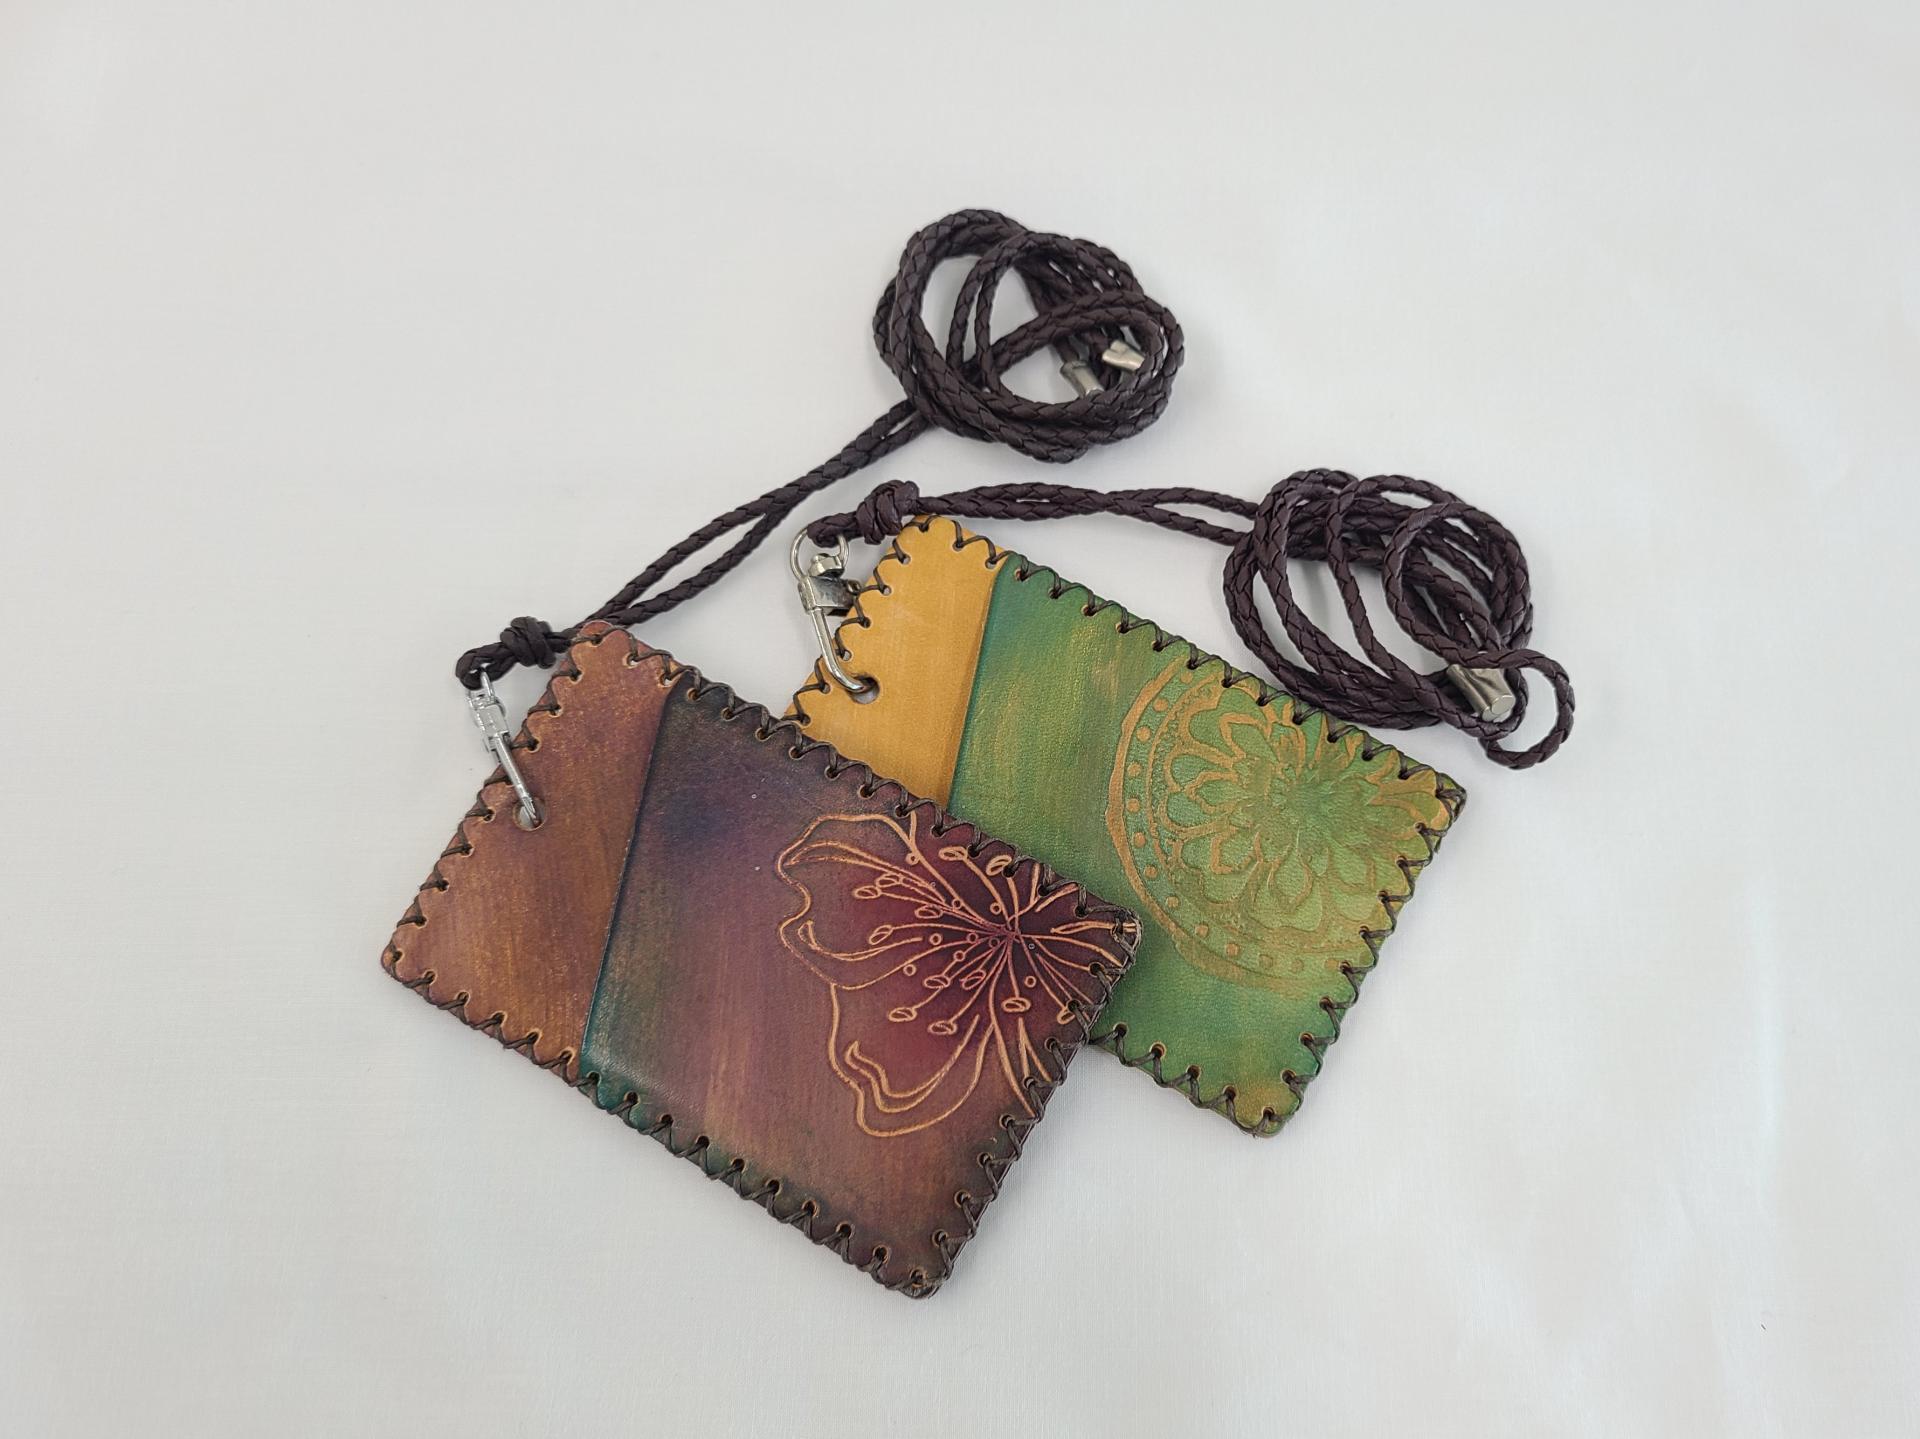 작품명 - 카드지갑